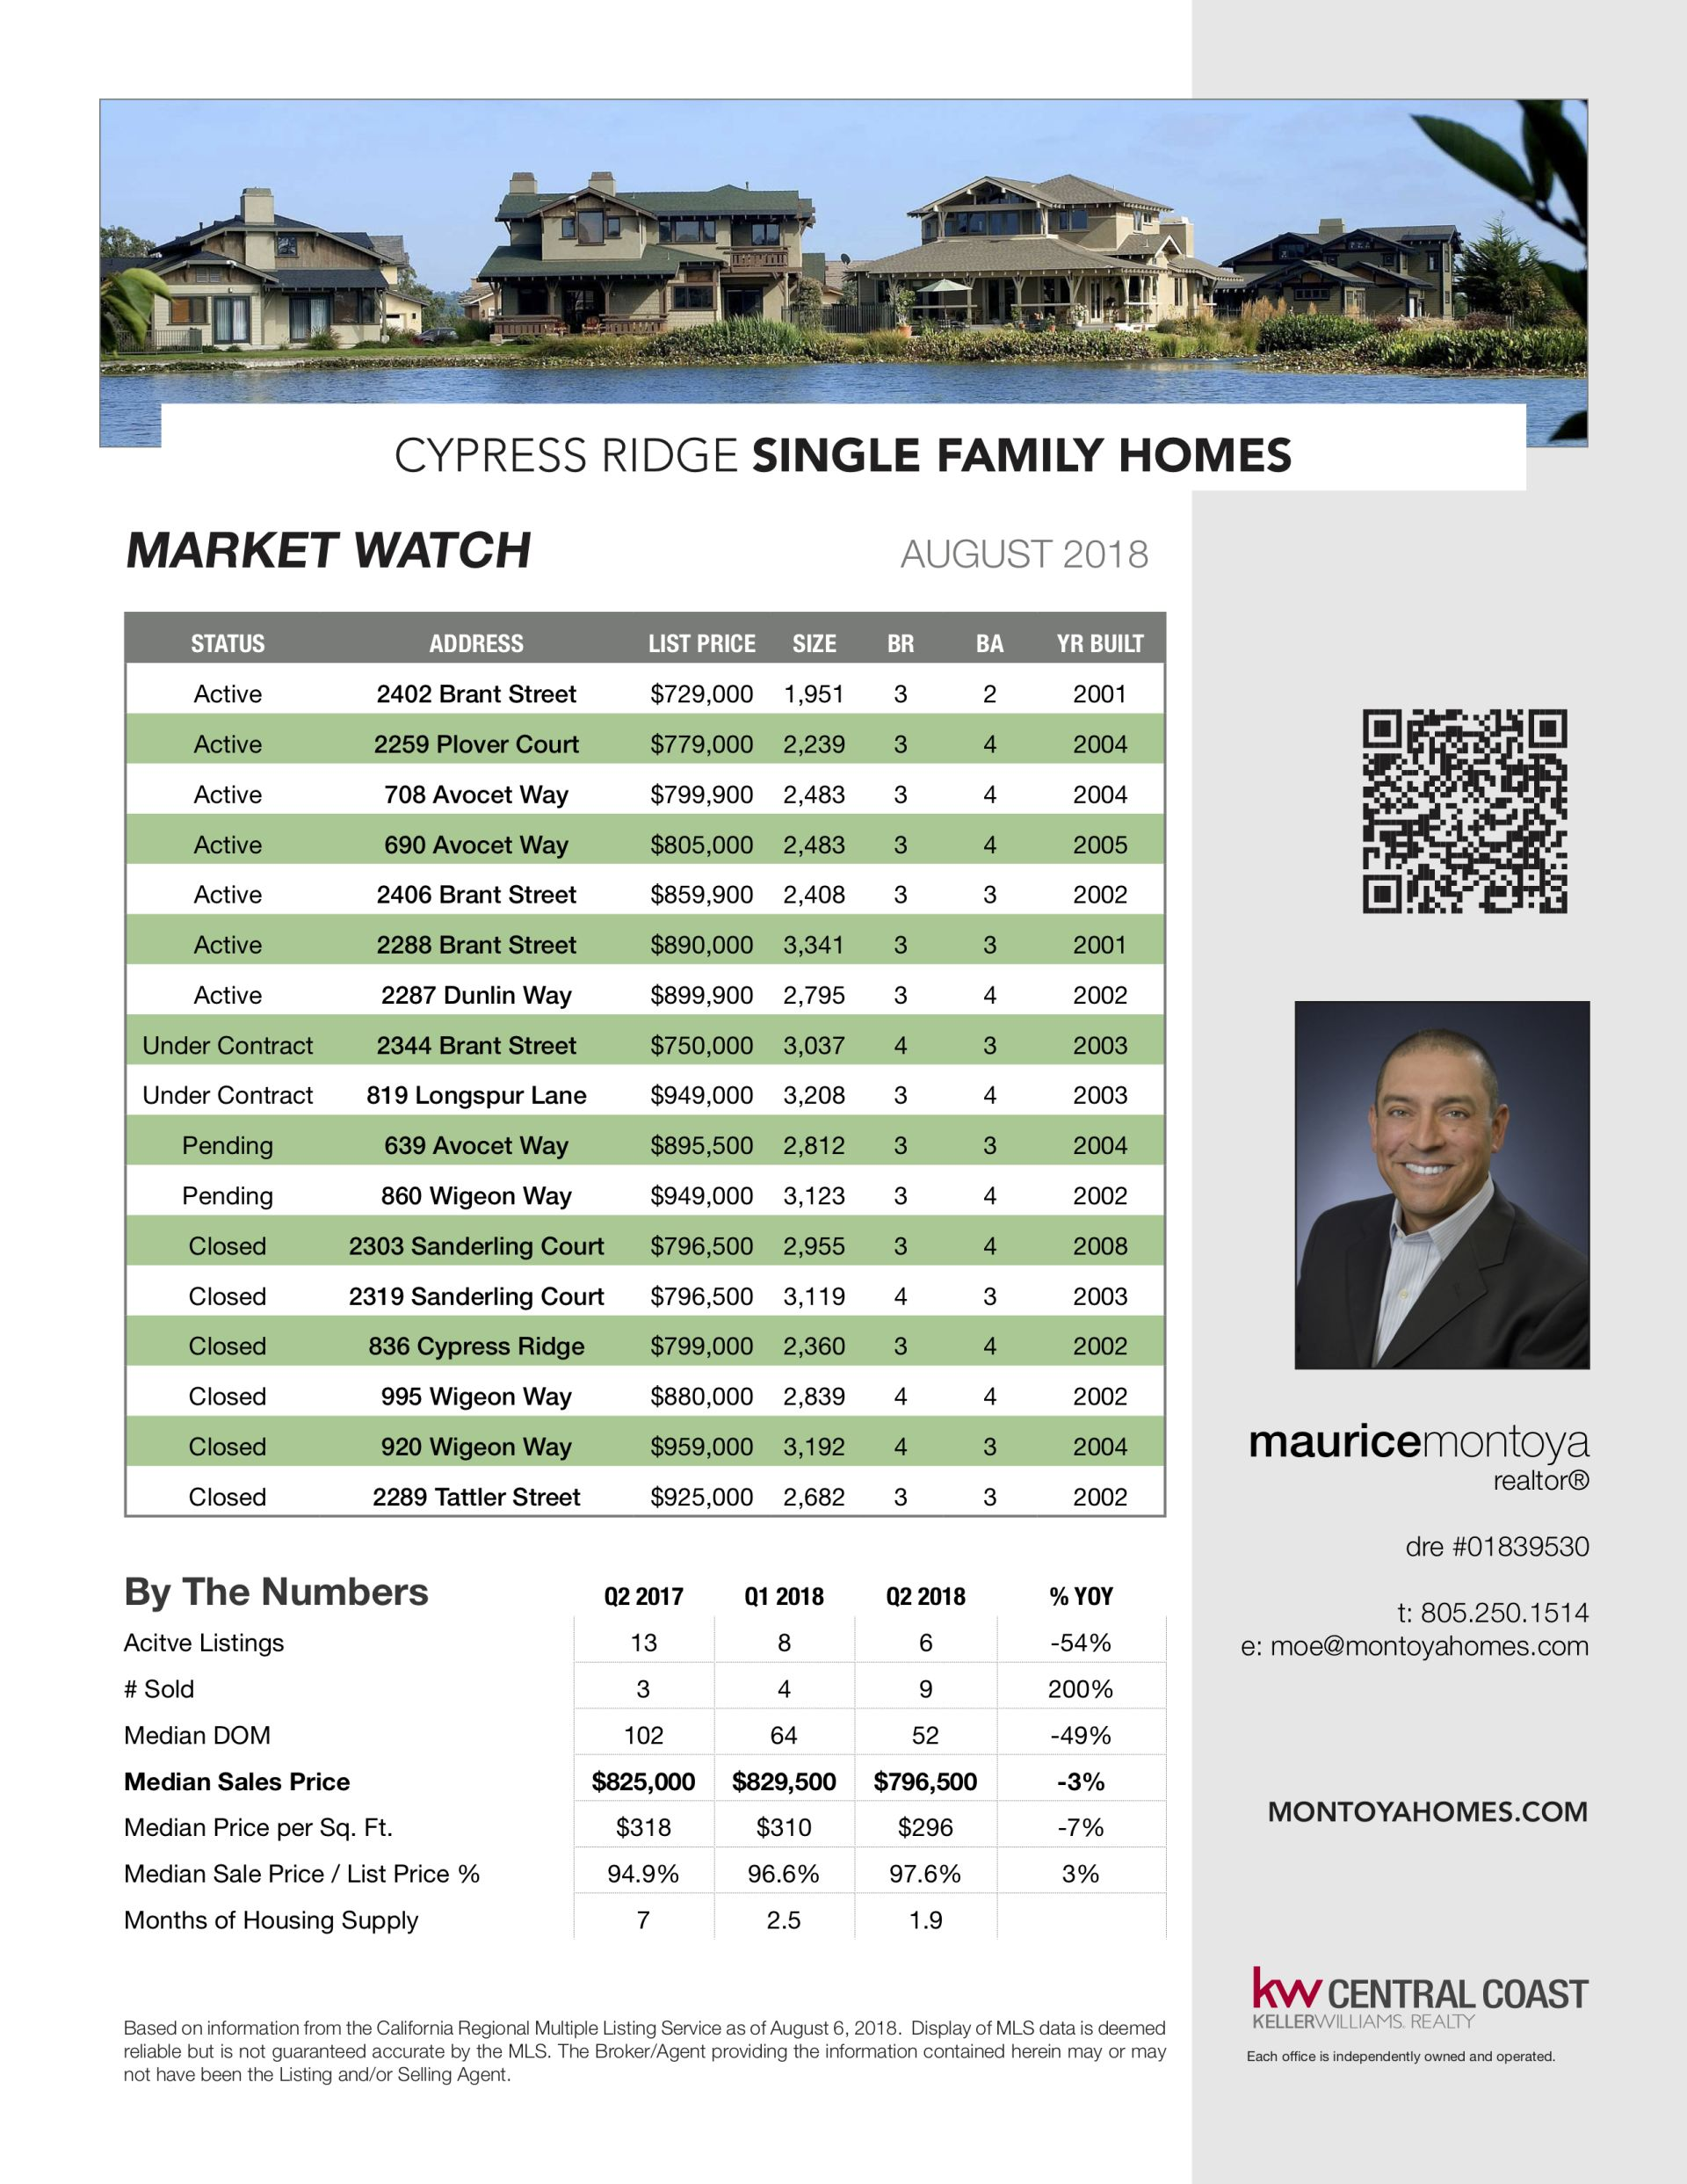 Cypress Ridge Market Watch – July / August 2018